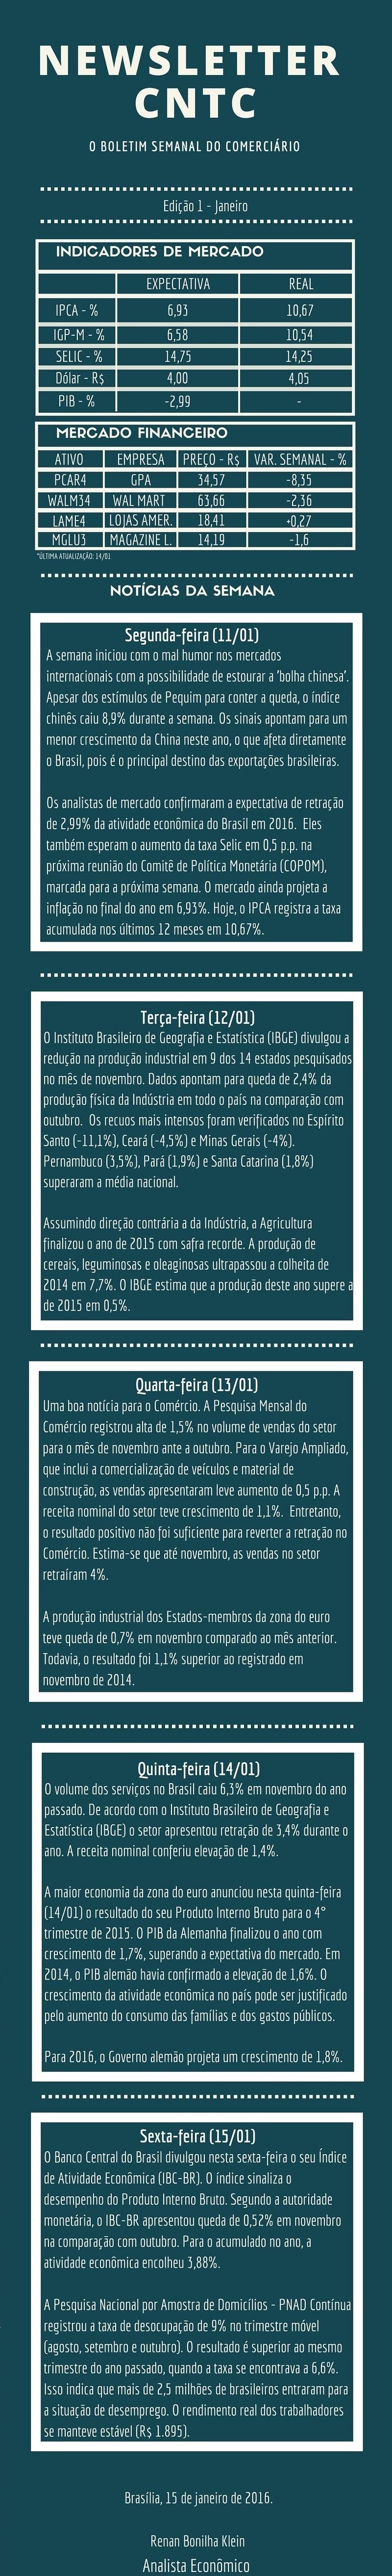 Newsletter CNTC - Edição 1 - Janeiro